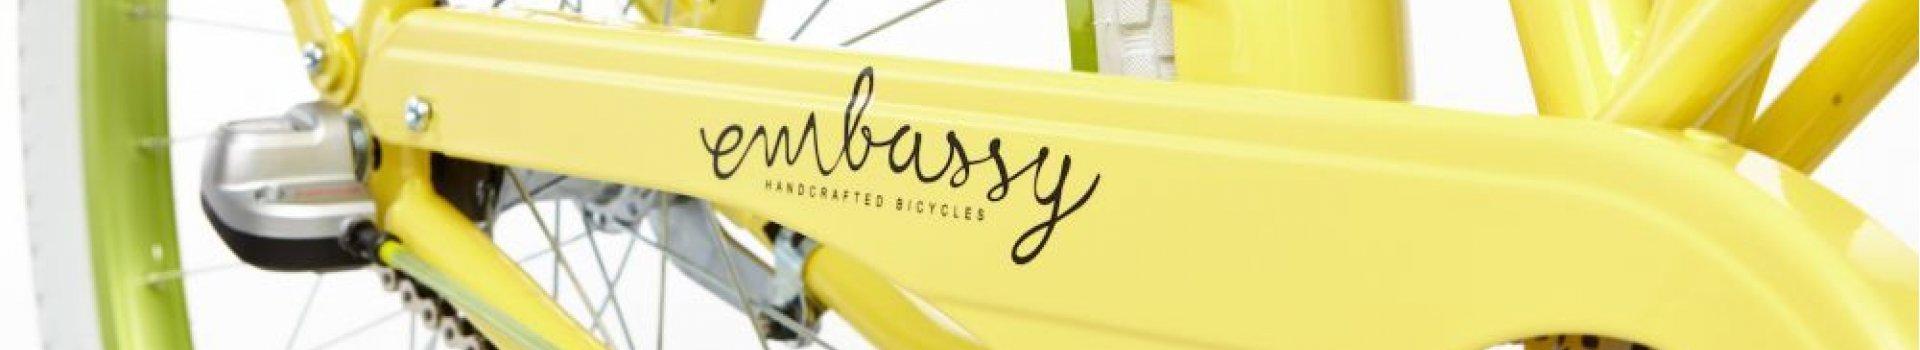 Beach Cruisery Embassy już w Twoim mieście!